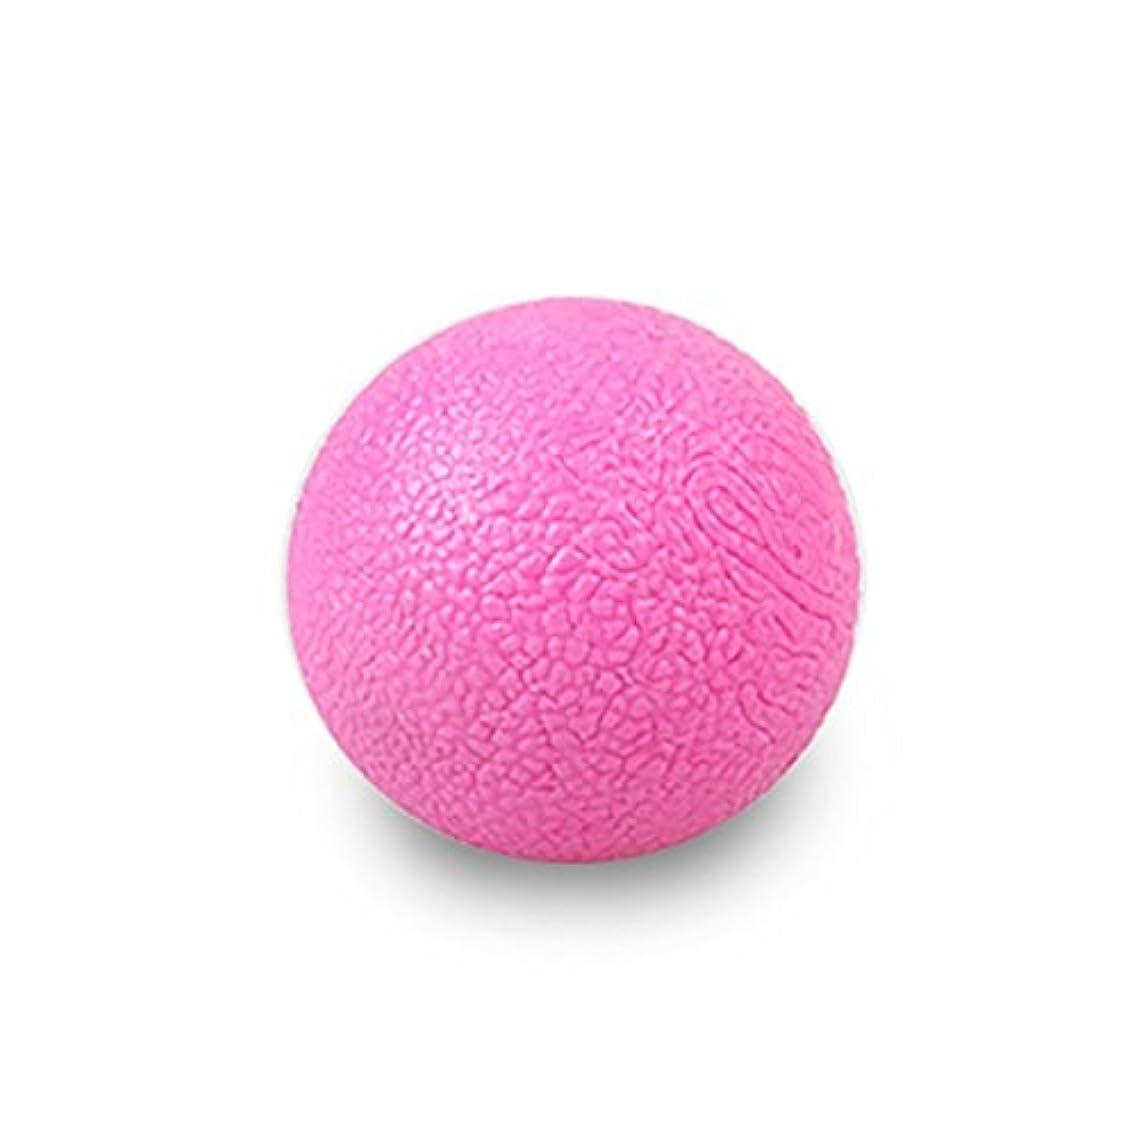 不合格明確にポジションSHAPE&UP UPnShape ピーナッツ マッサージ ボール(1.8インチ)/ストレッチ、ヨガ、フィットネス リハビリテーション腰痛首 (ブルー)